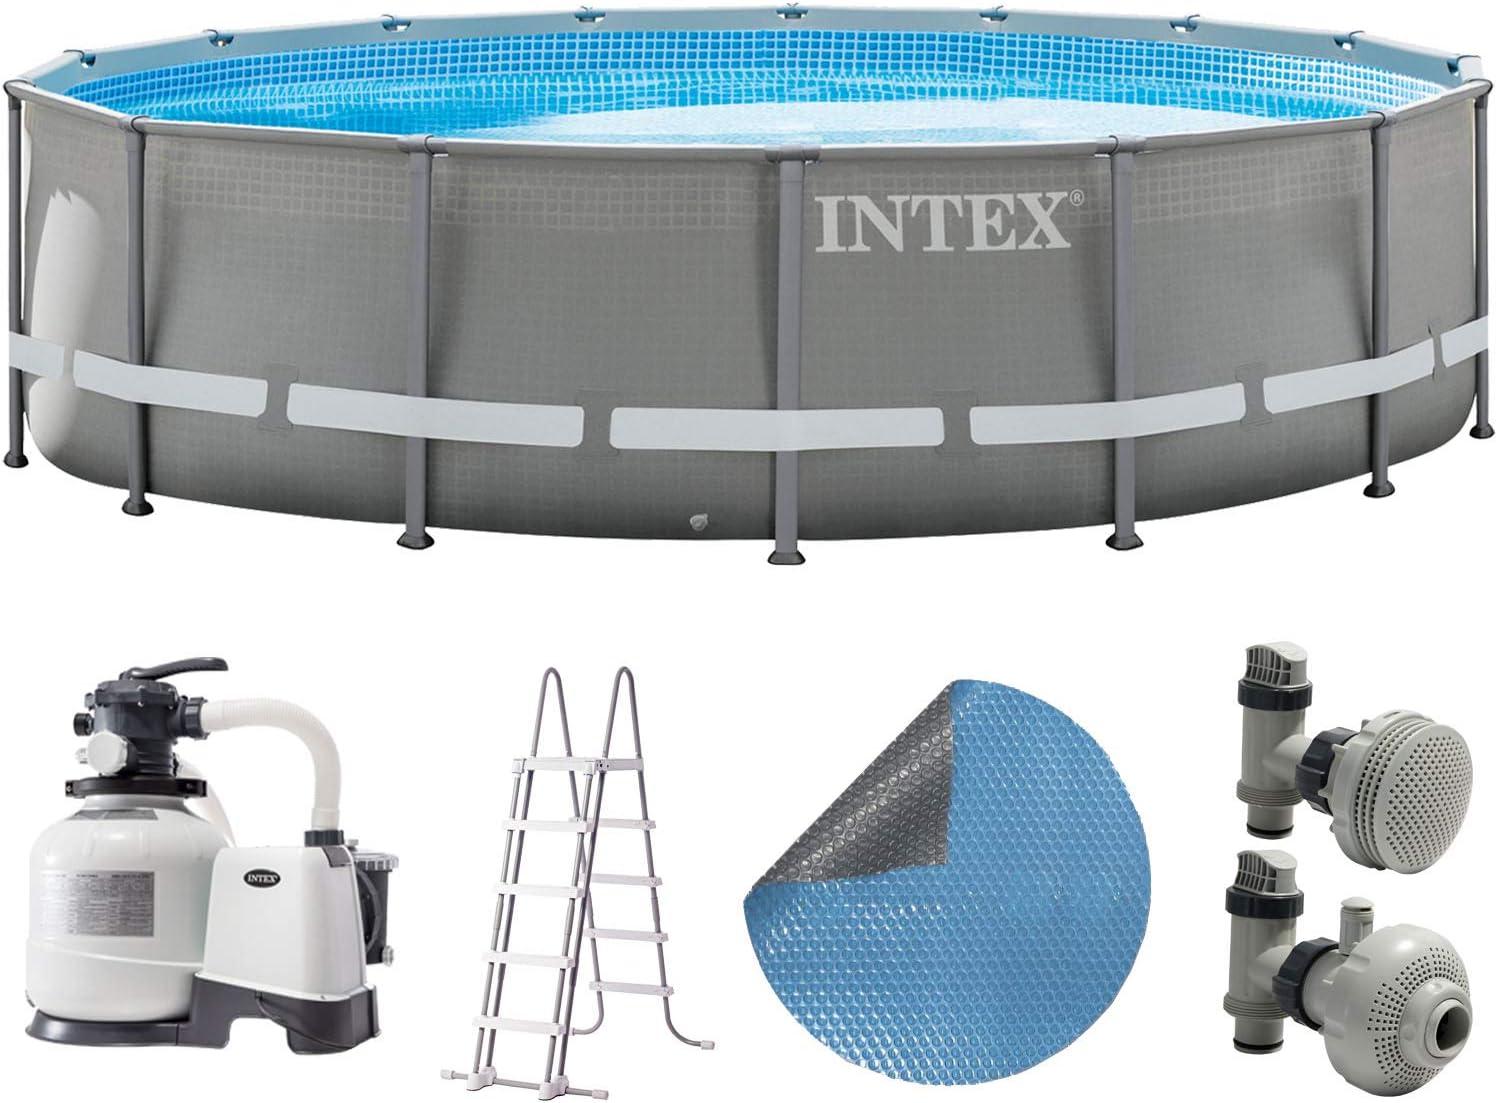 Intex Piscina 549 x 132 cm Piscina acero pared metal marco con filtro de arena, escalera, Solar pantalla: Amazon.es: Jardín